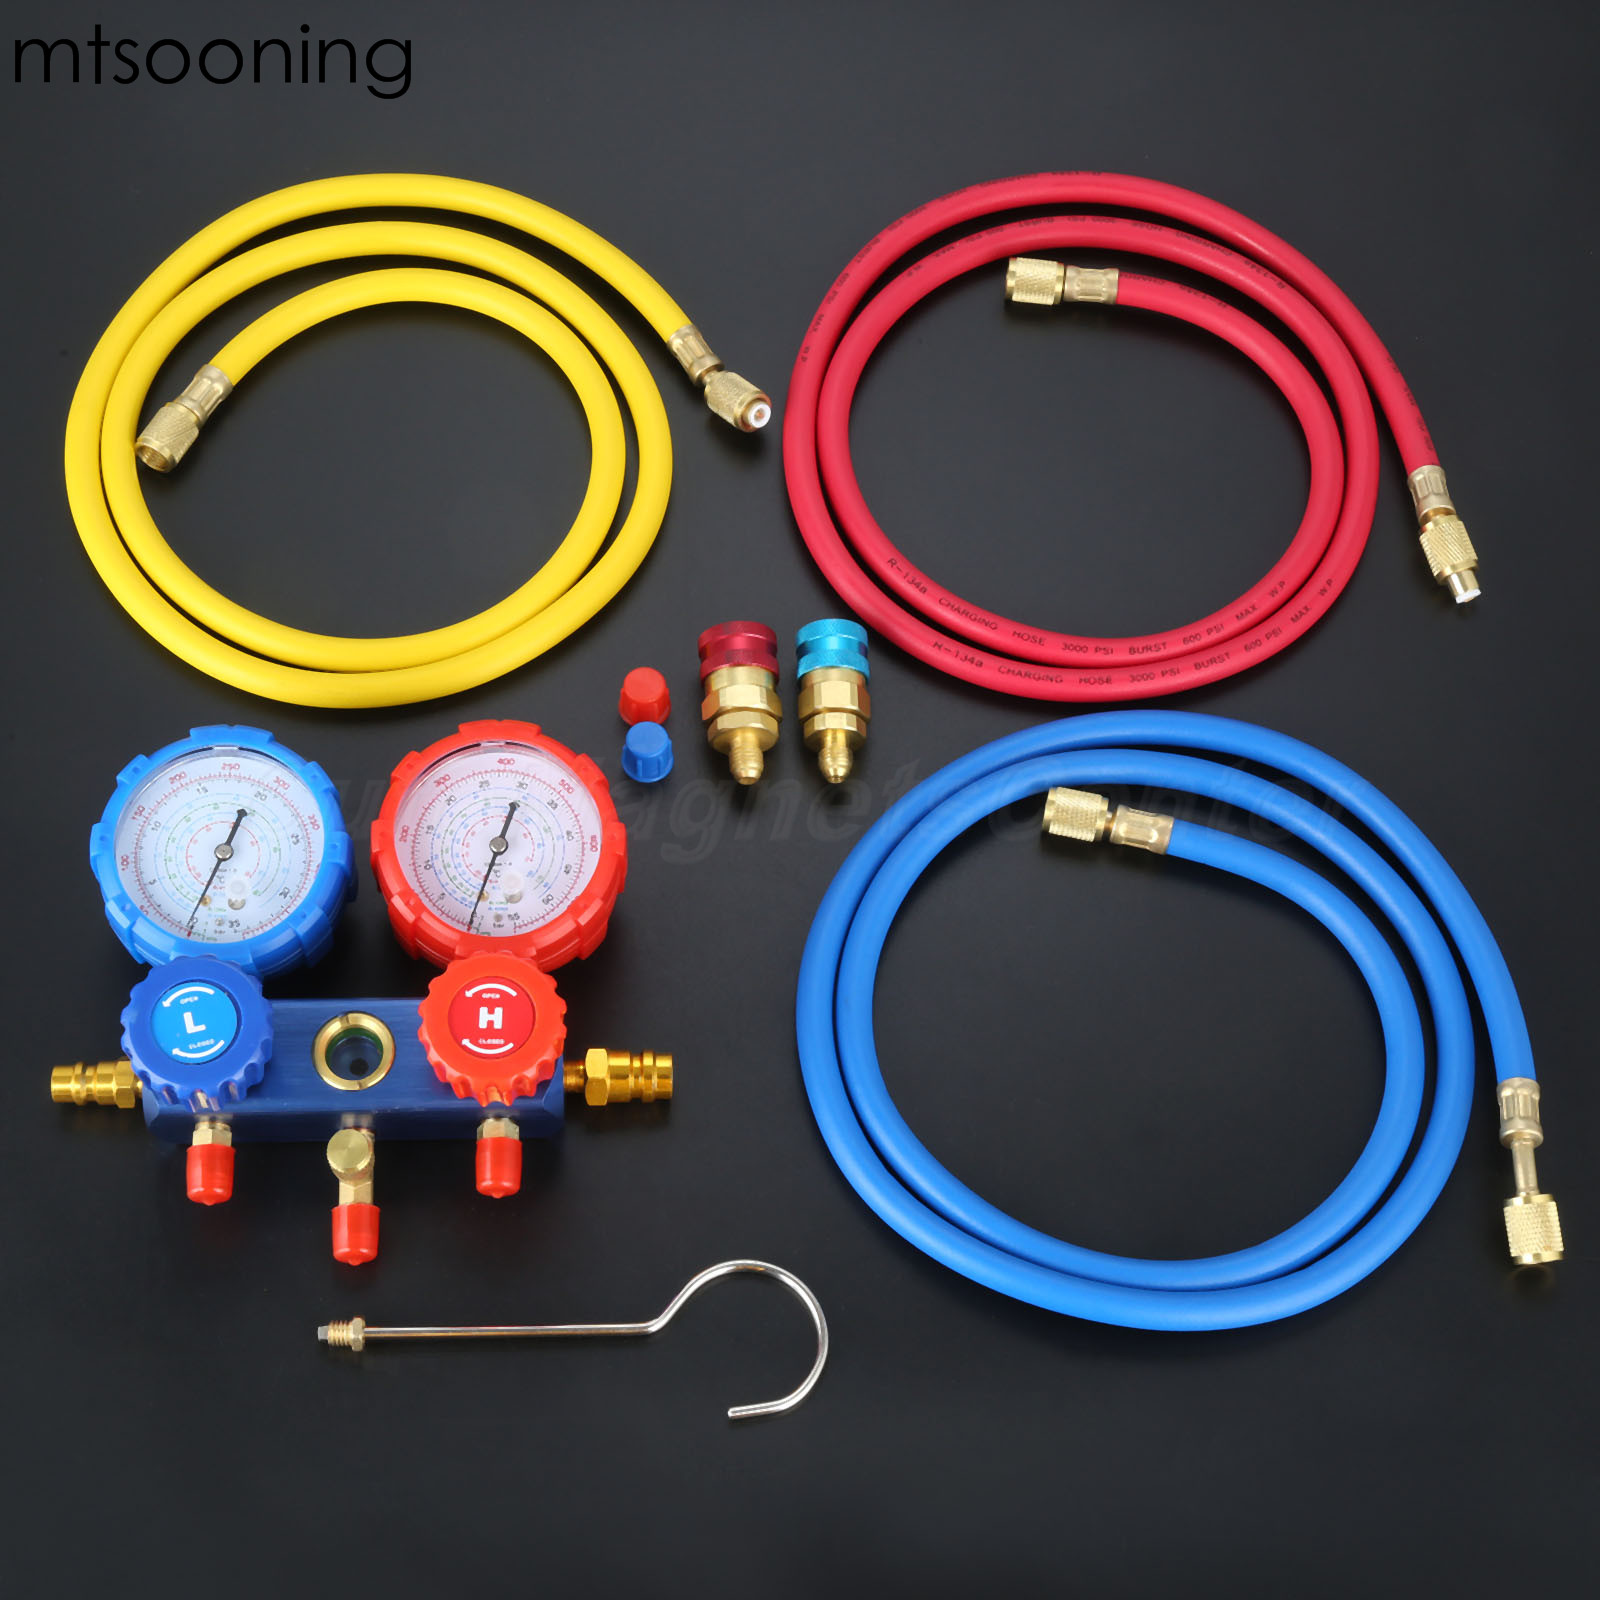 Mtsooning R134a R404a ensemble de jauge de collecteur réfrigérant ca cvc et tuyau de charge 3 pièces pour la climatisation A/C Automobile